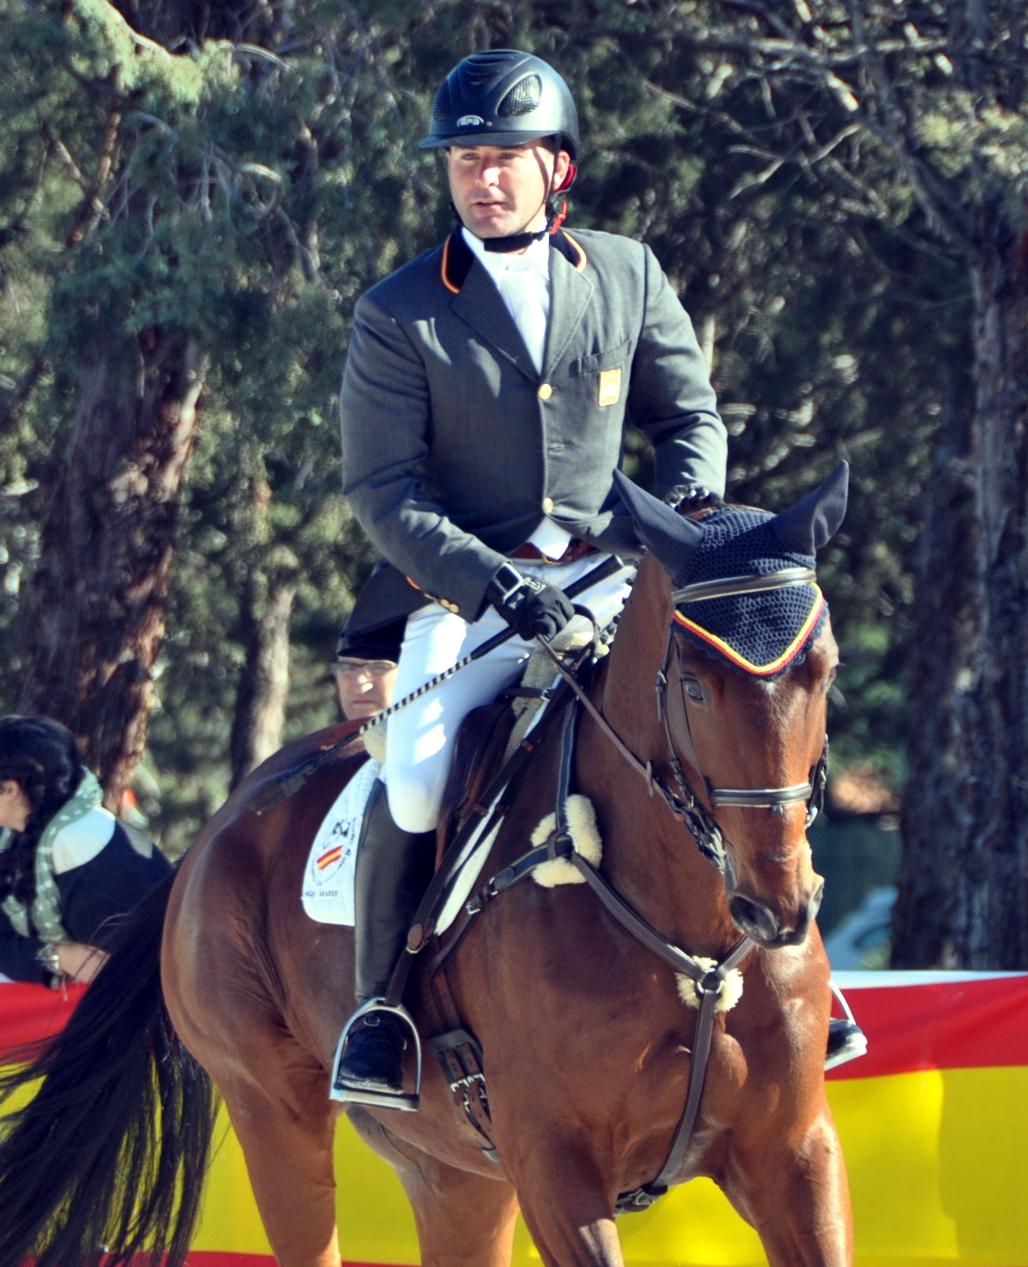 Carlos Díaz con JUNCO conm el que ganó el Cto. de España 2015 (asimismo el de 2013 y 2014). Caballo de la cría de Antonio Campos, otro de los importantes criadores españoles de cabnall